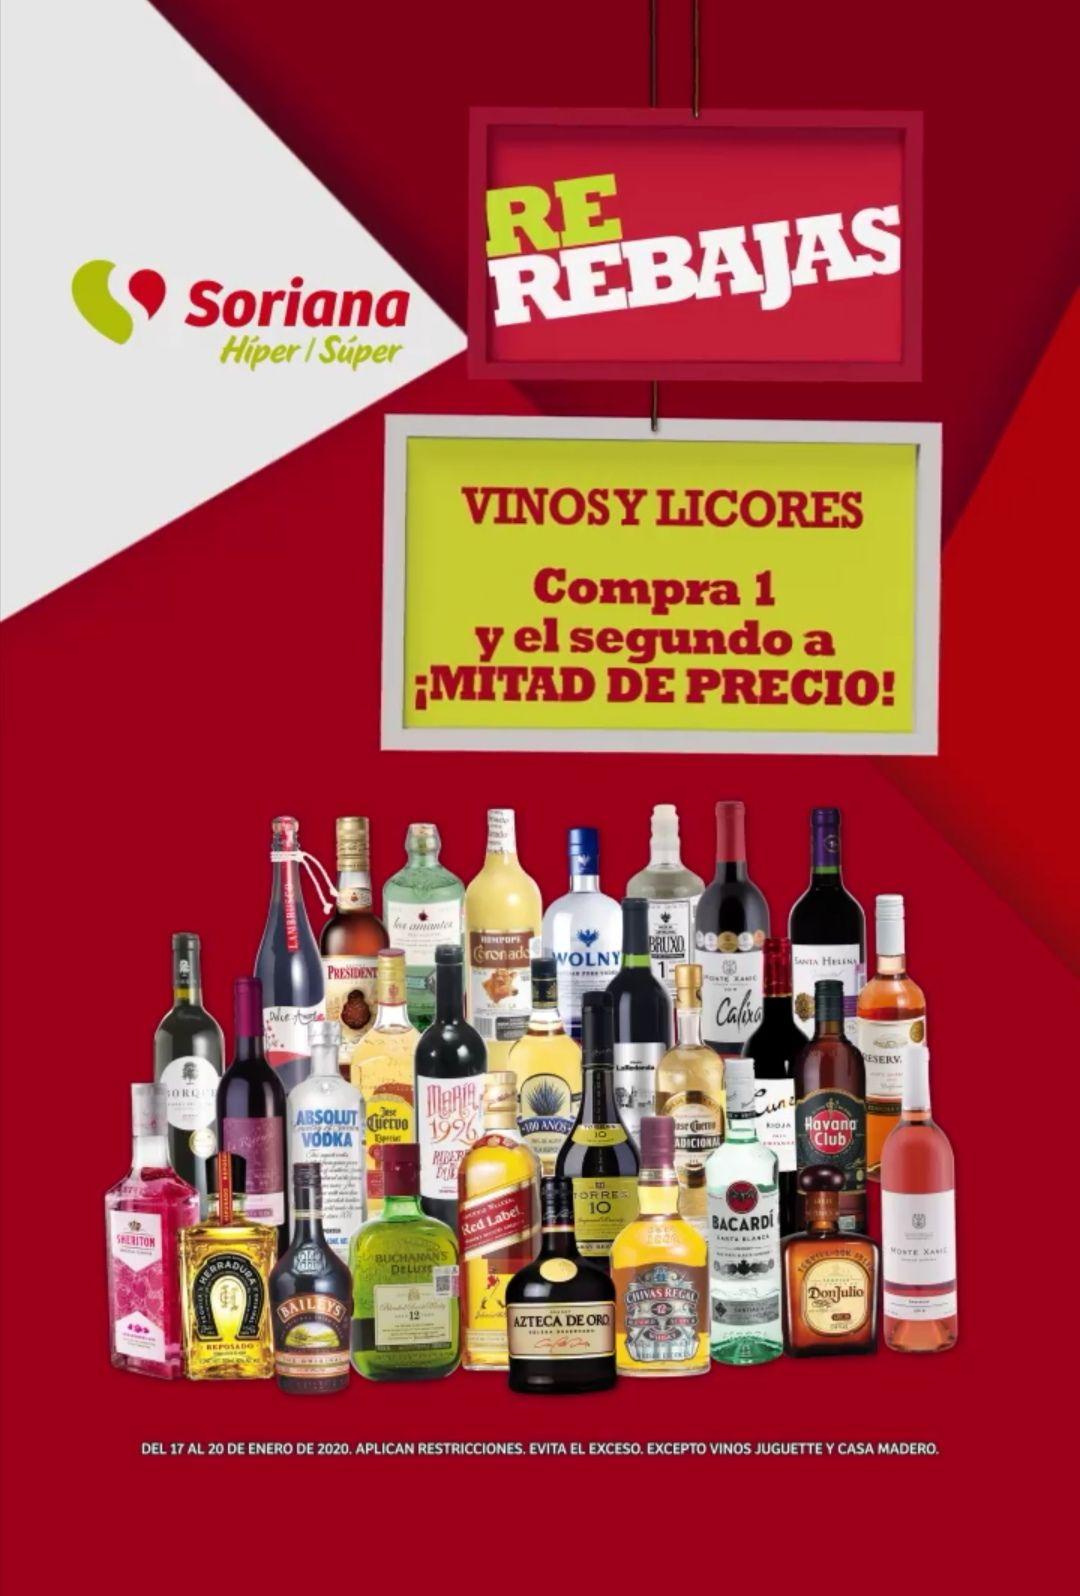 Soriana Híper y Súper: 2 x 1½ en todos los vinos y licores